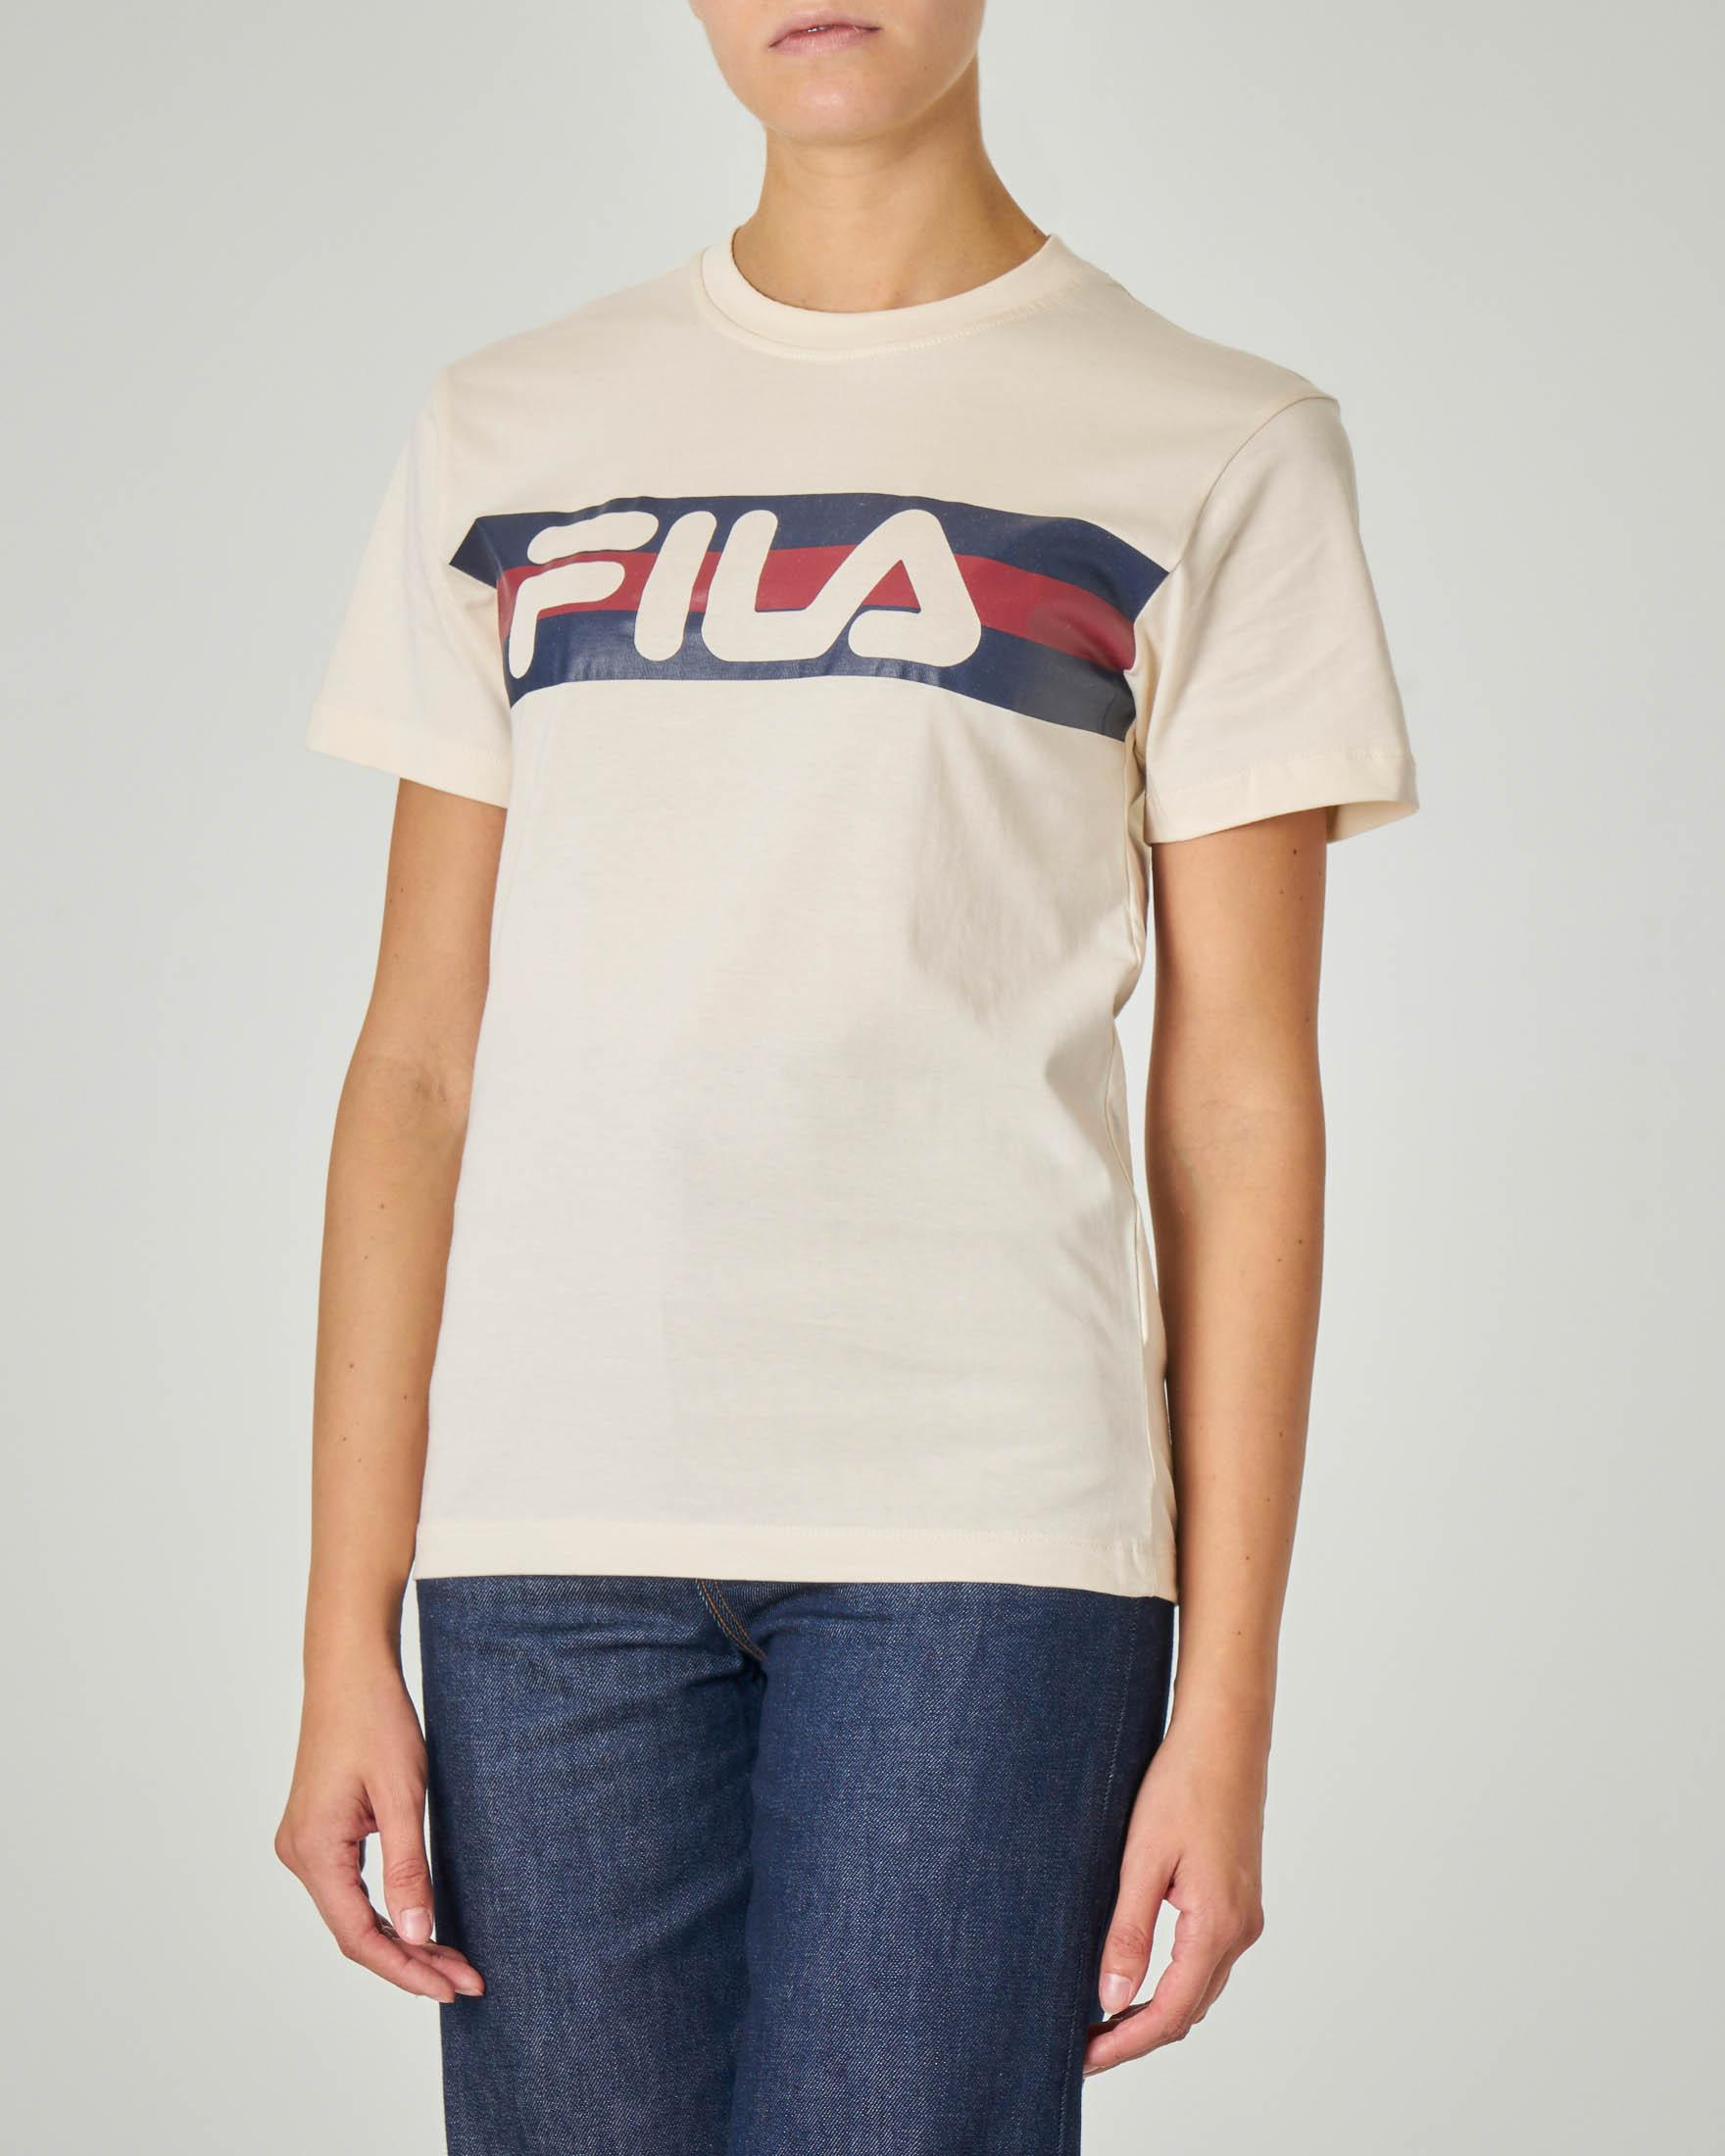 T-shirt in cotone beige manica corta con scritta logo blu e bordeaux stampata